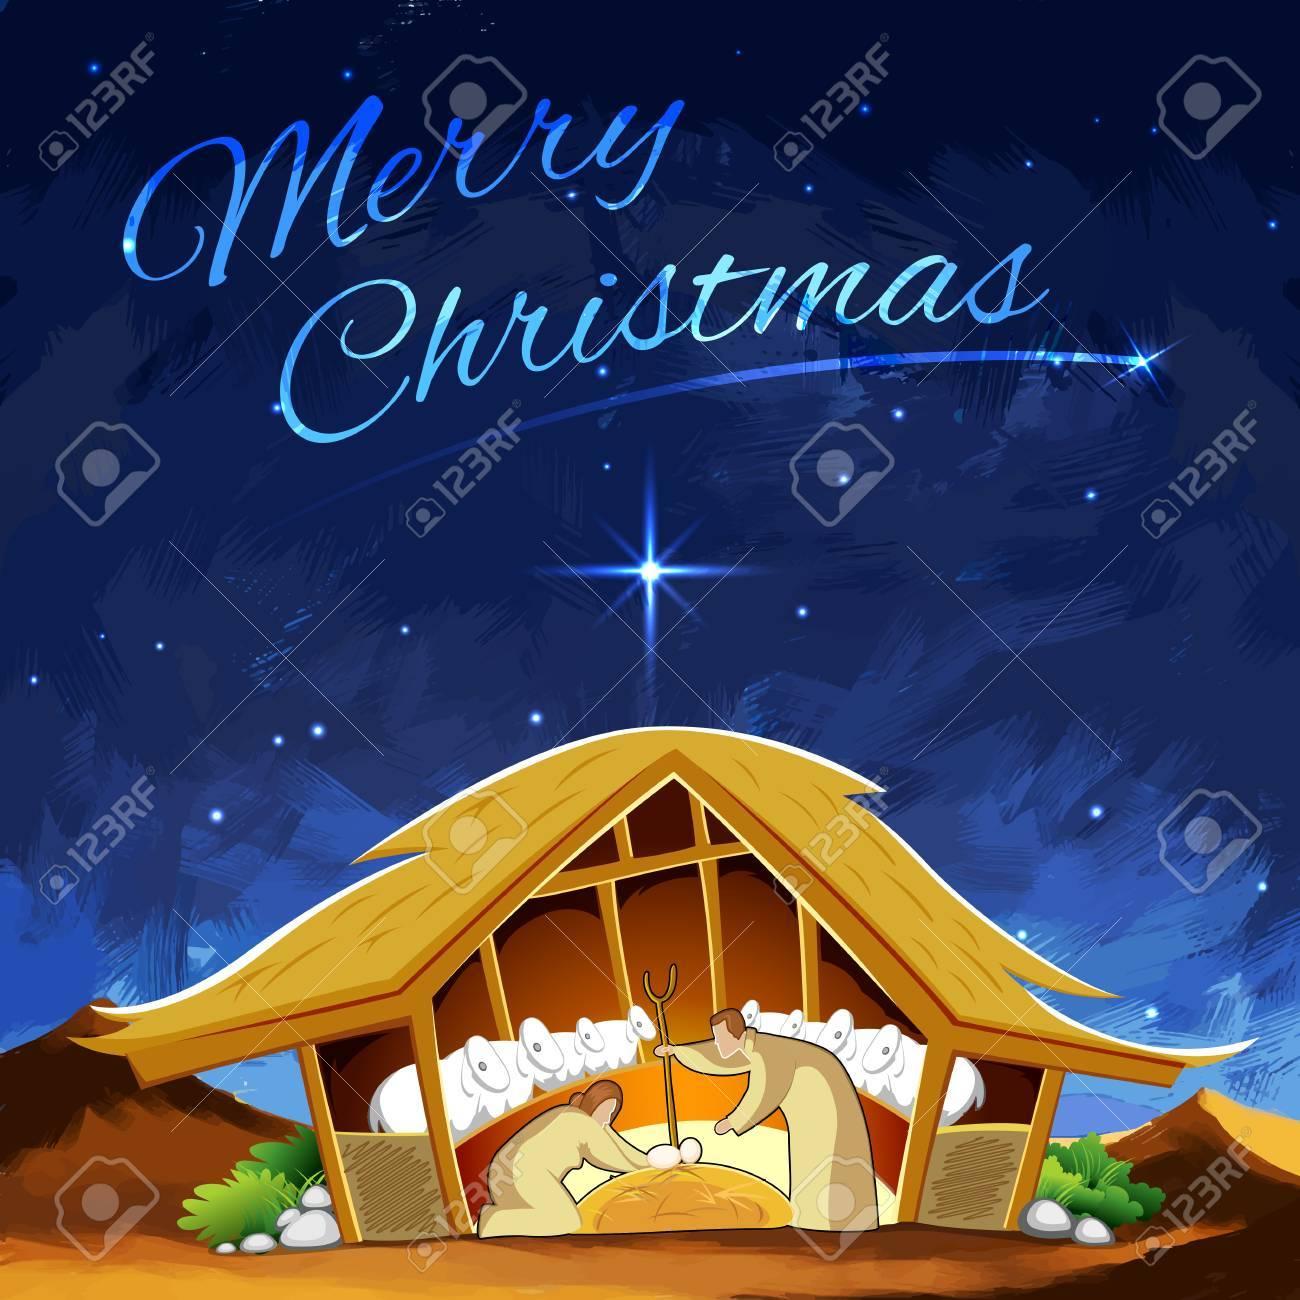 Immagini Natale Presepe.Illustrazione Del Presepe Che Mostra La Nascita Di Gesu A Natale